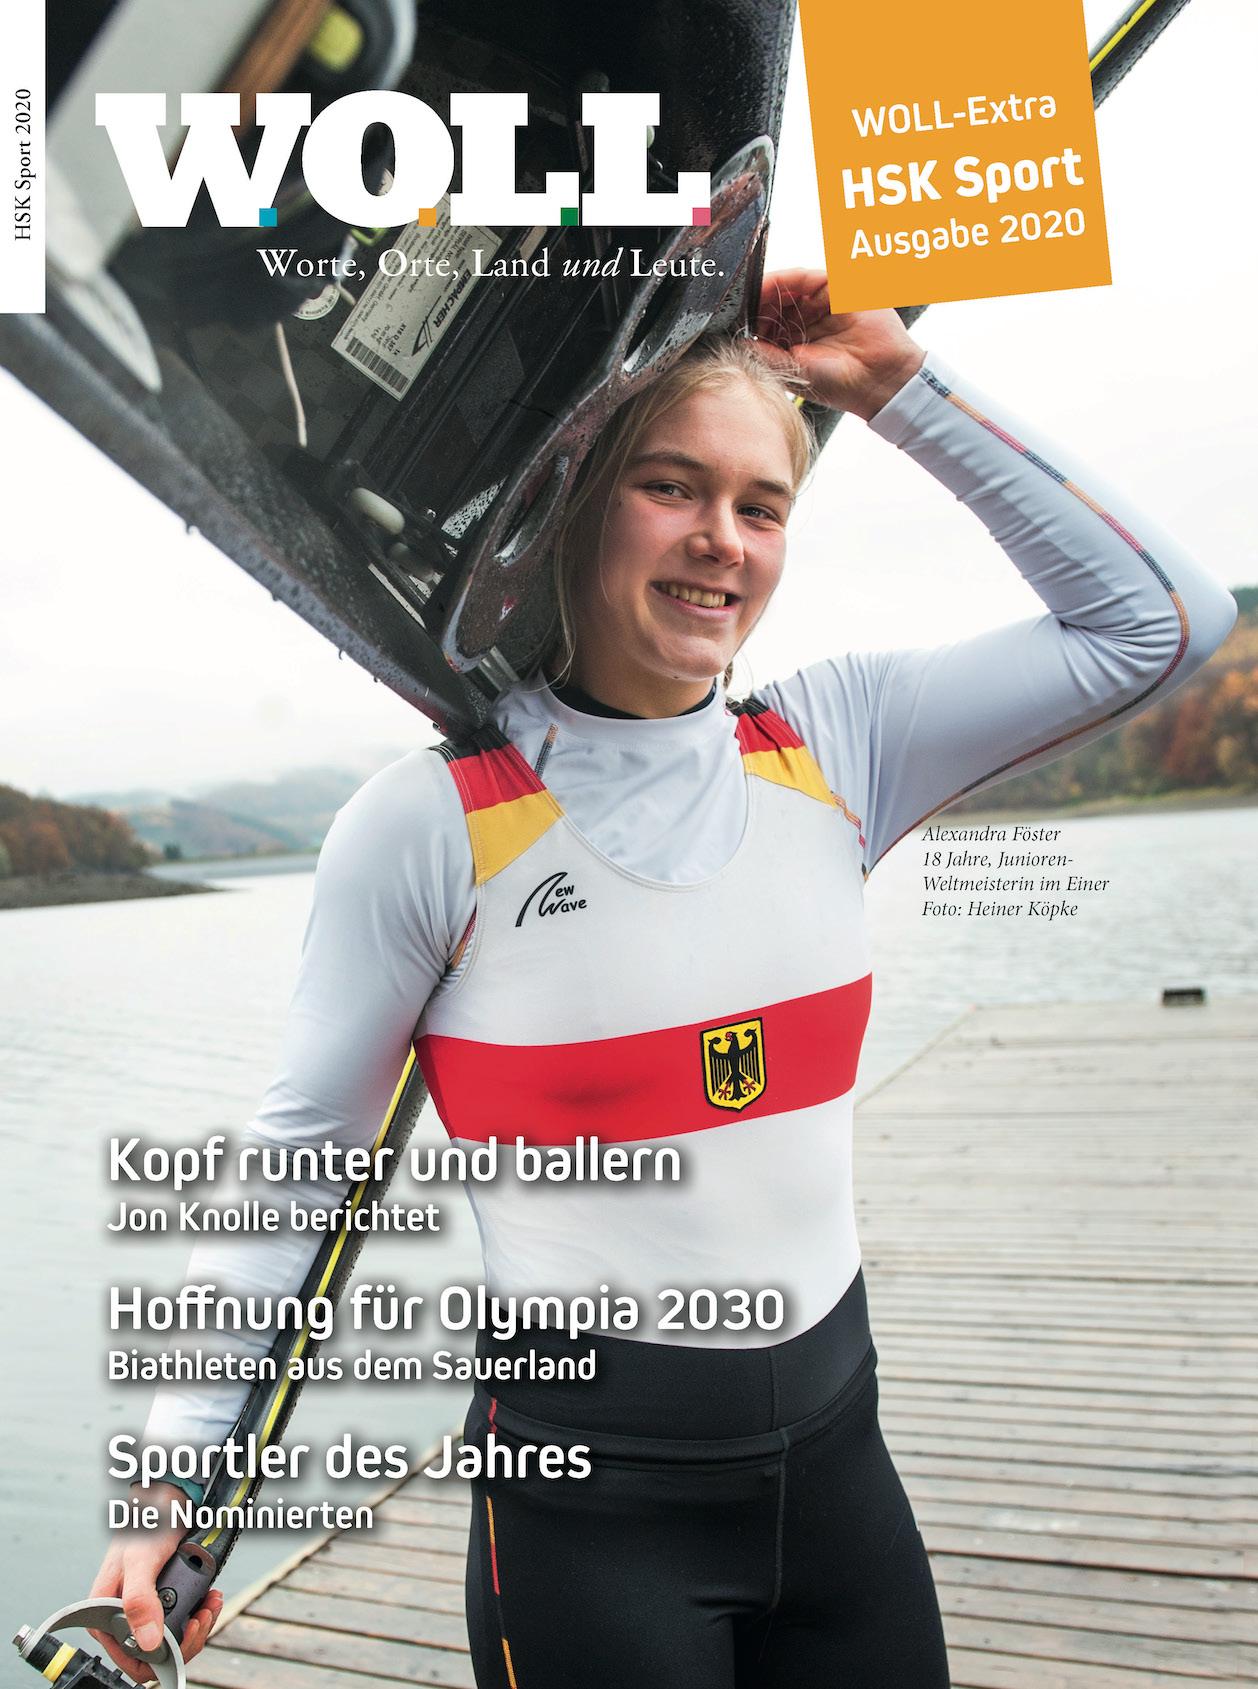 WOLL Extramagazin HSK Sport 2020